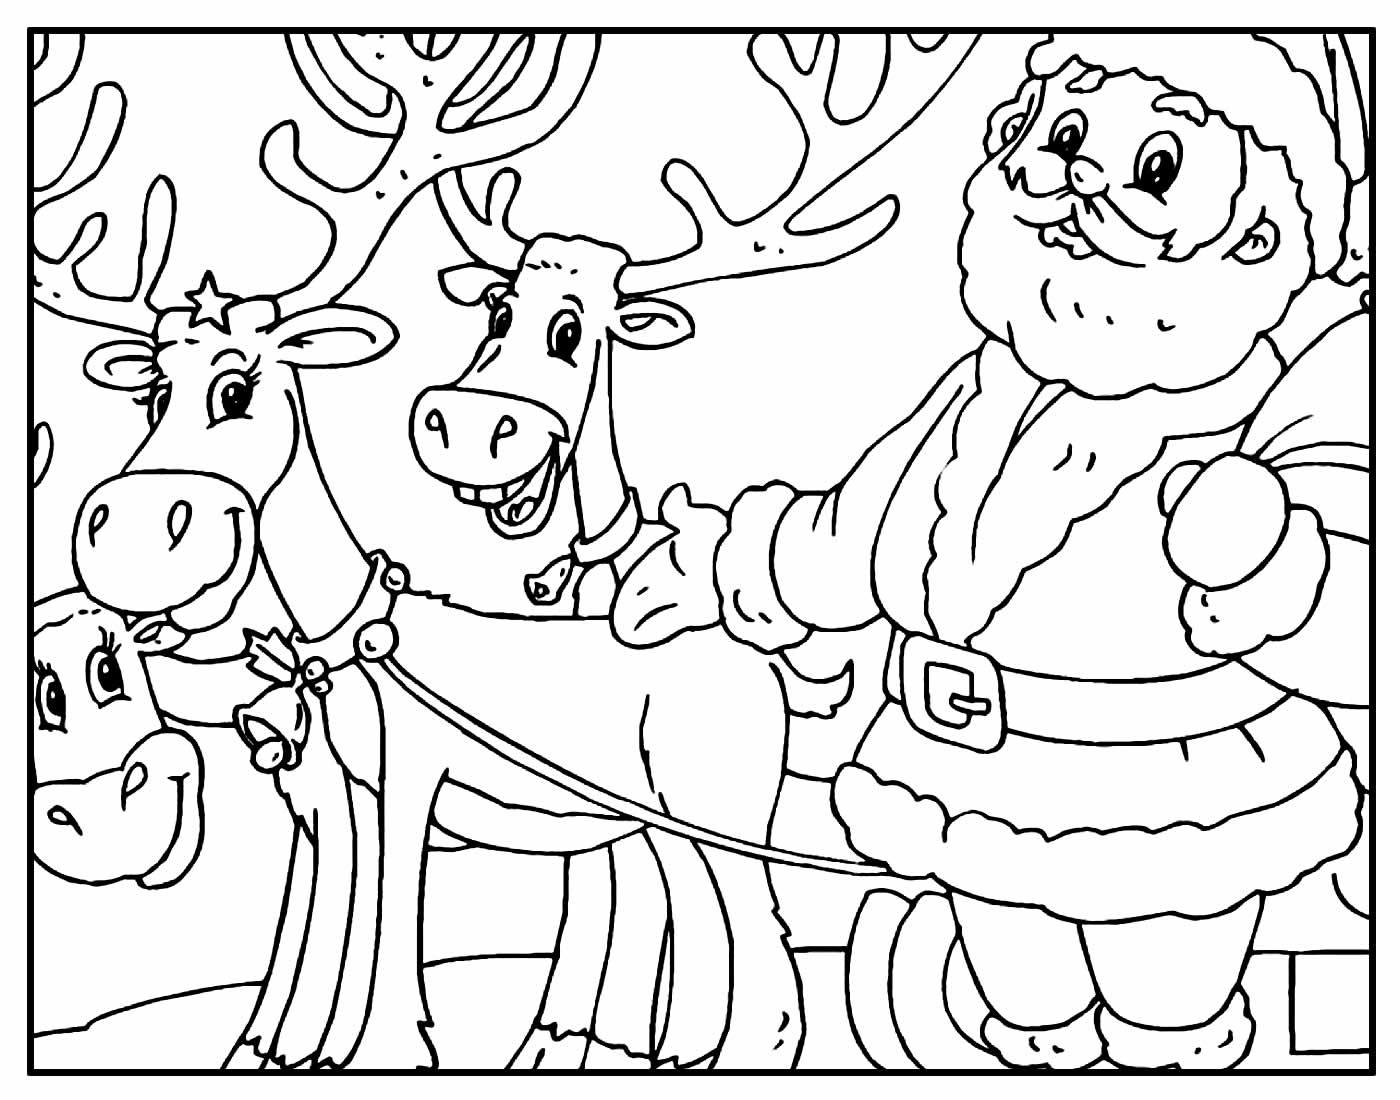 Página para colorir de Papai Noel